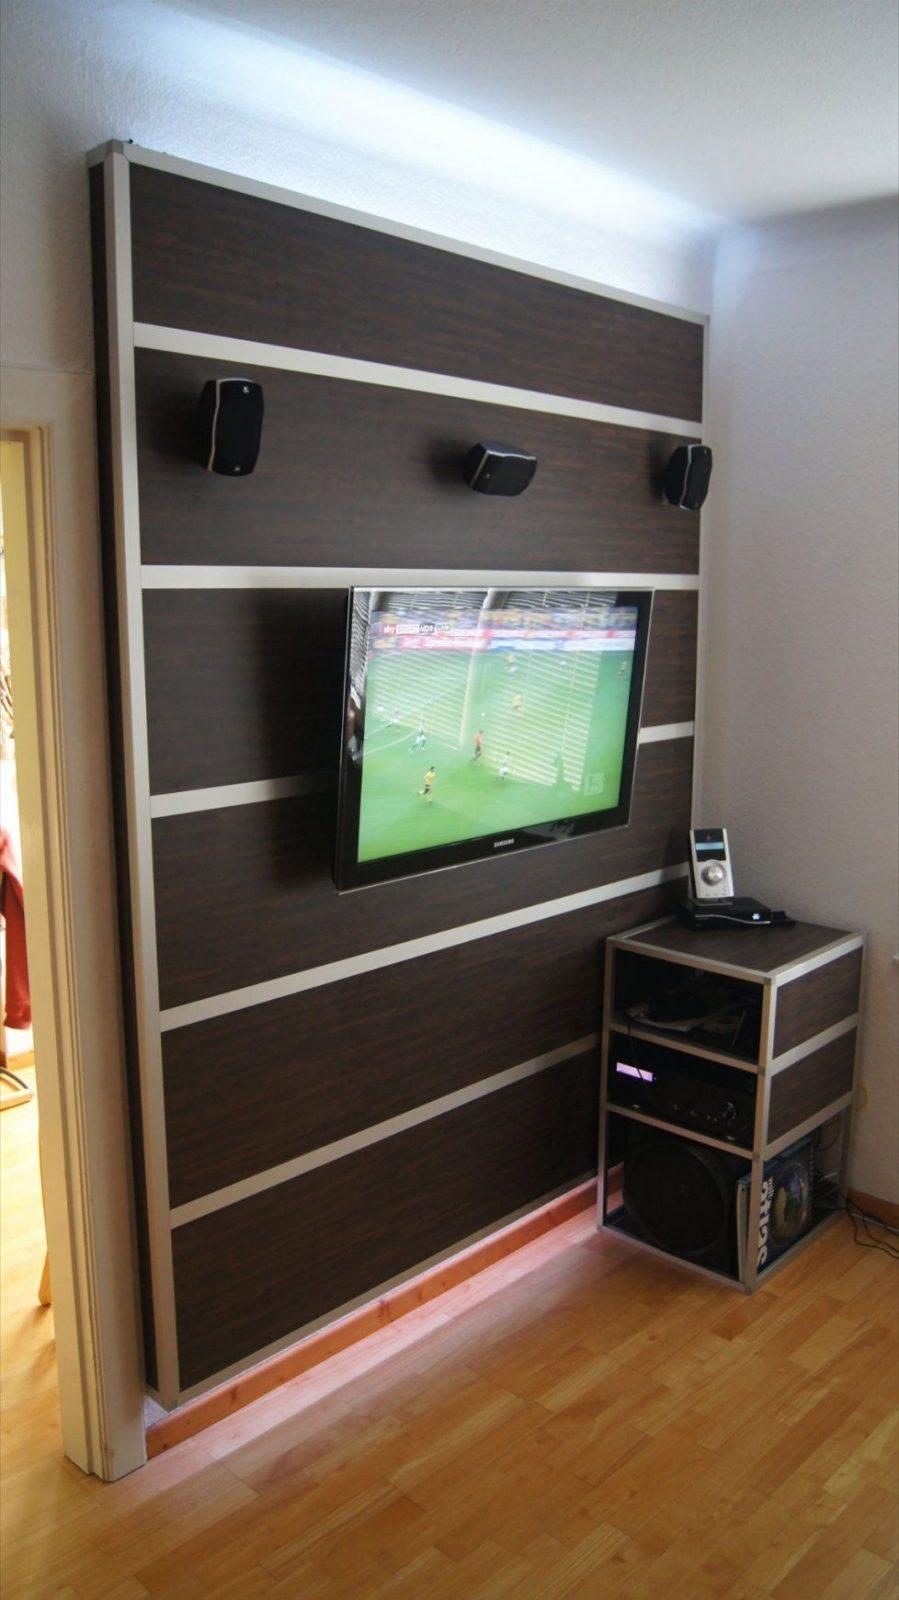 Einfach Zuhause Stil Einschließlich Tv Wand Selber Bauen Laminat von Tv Wand Selber Bauen Laminat Photo